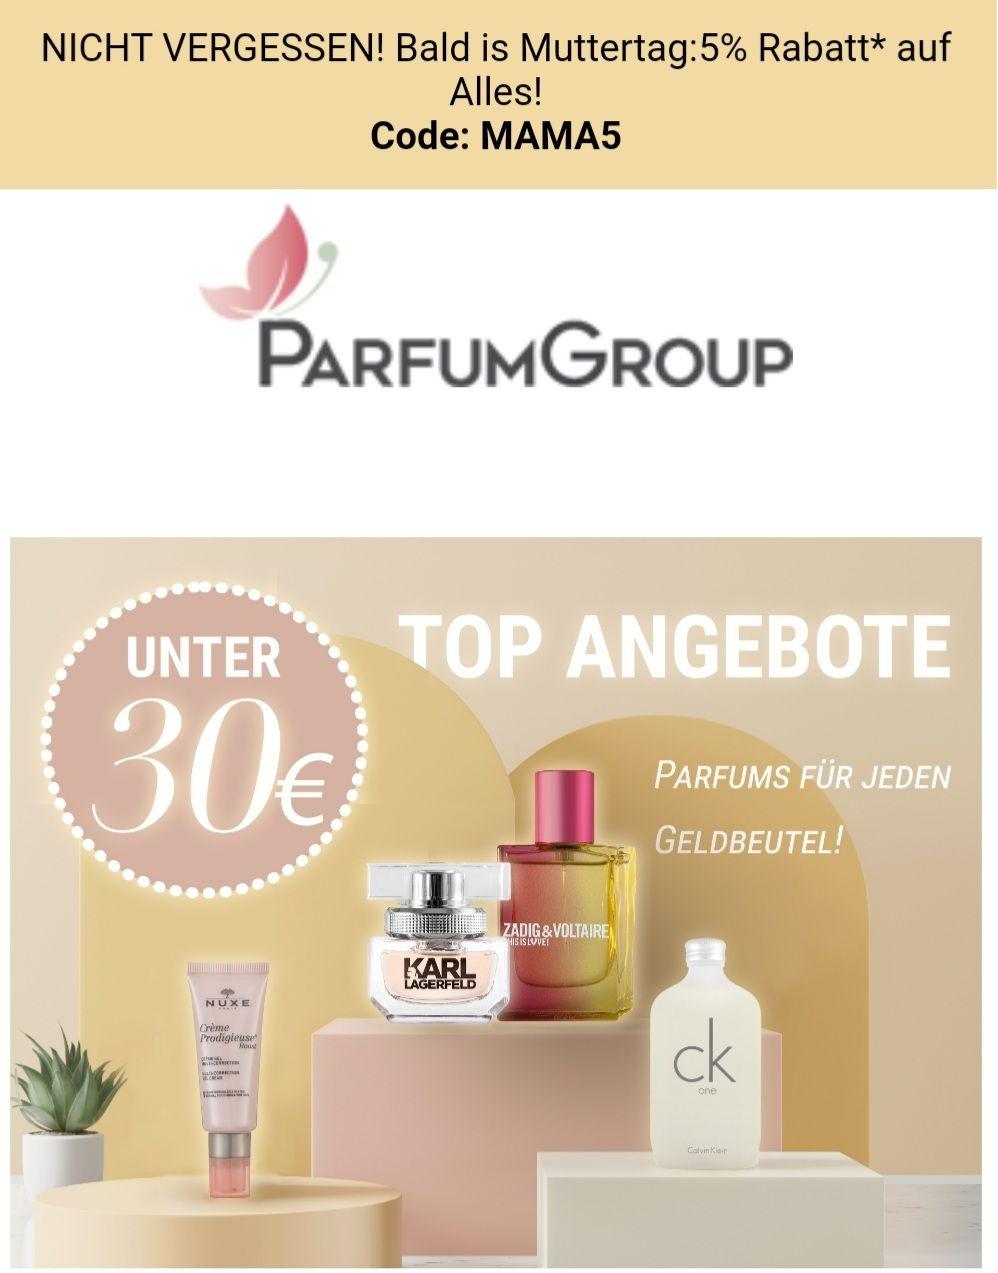 ParfumGroup 5% Rabatt auf alles, Angebote unter 30 Euro mit Code: MAMA5